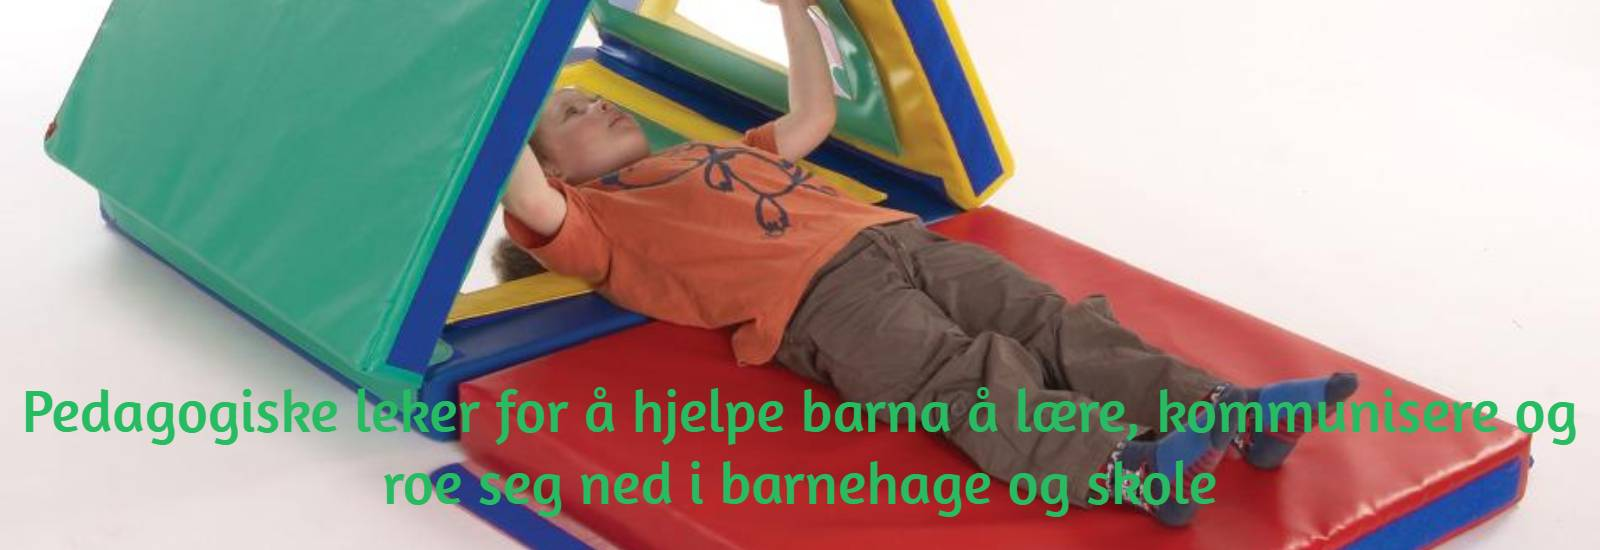 Pedagogiske leker for å hjelpe barna å lære, kommunisere og roe seg ned i barnehage og skole